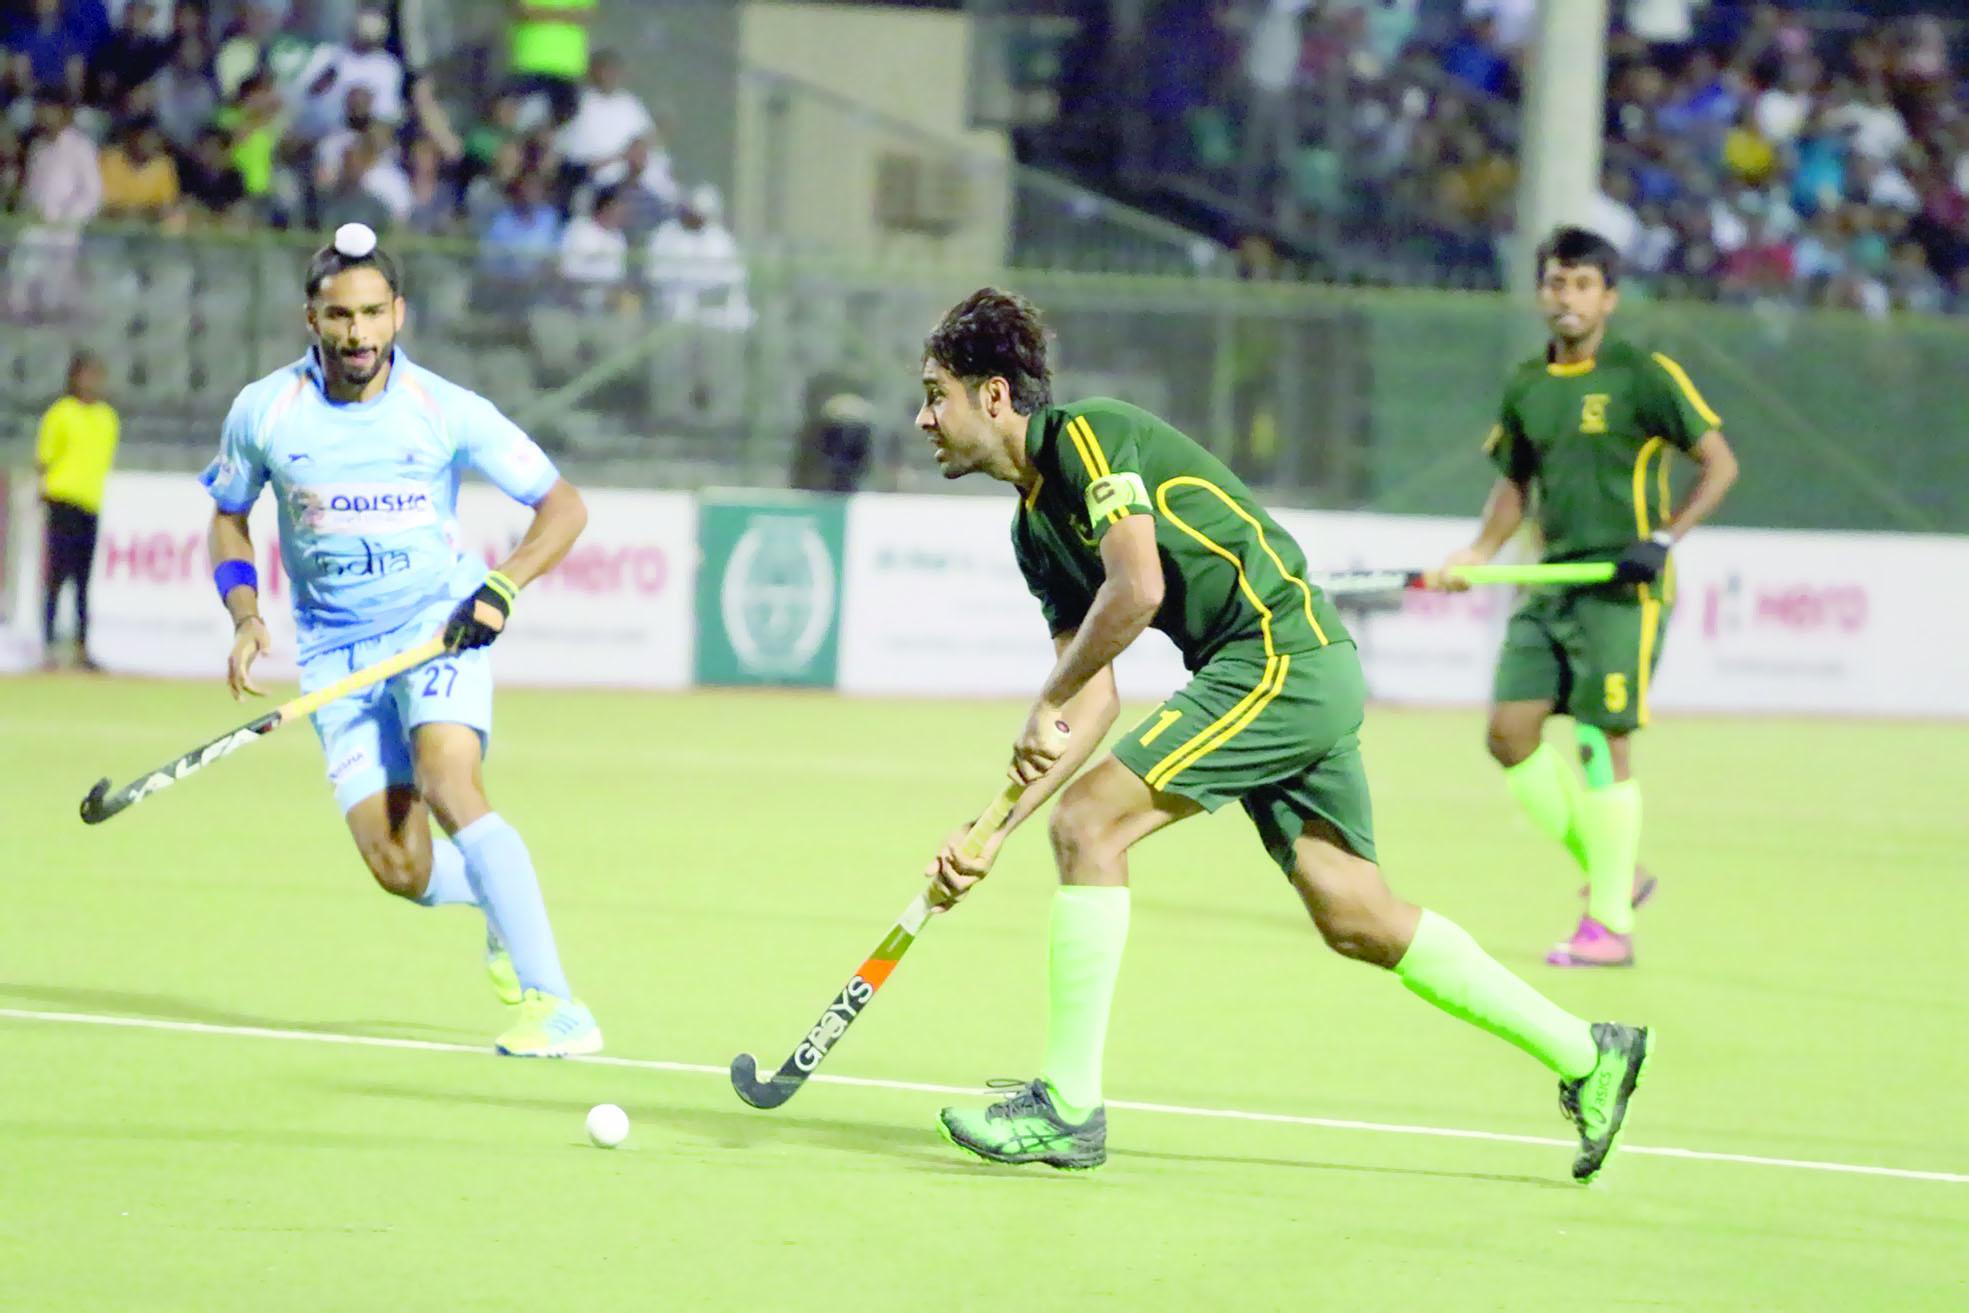 كلاسيكو العالم بالهوكيتفاعل إعلامي عالمي مع لقاء «الهند وباكستان» في كأس النخبة